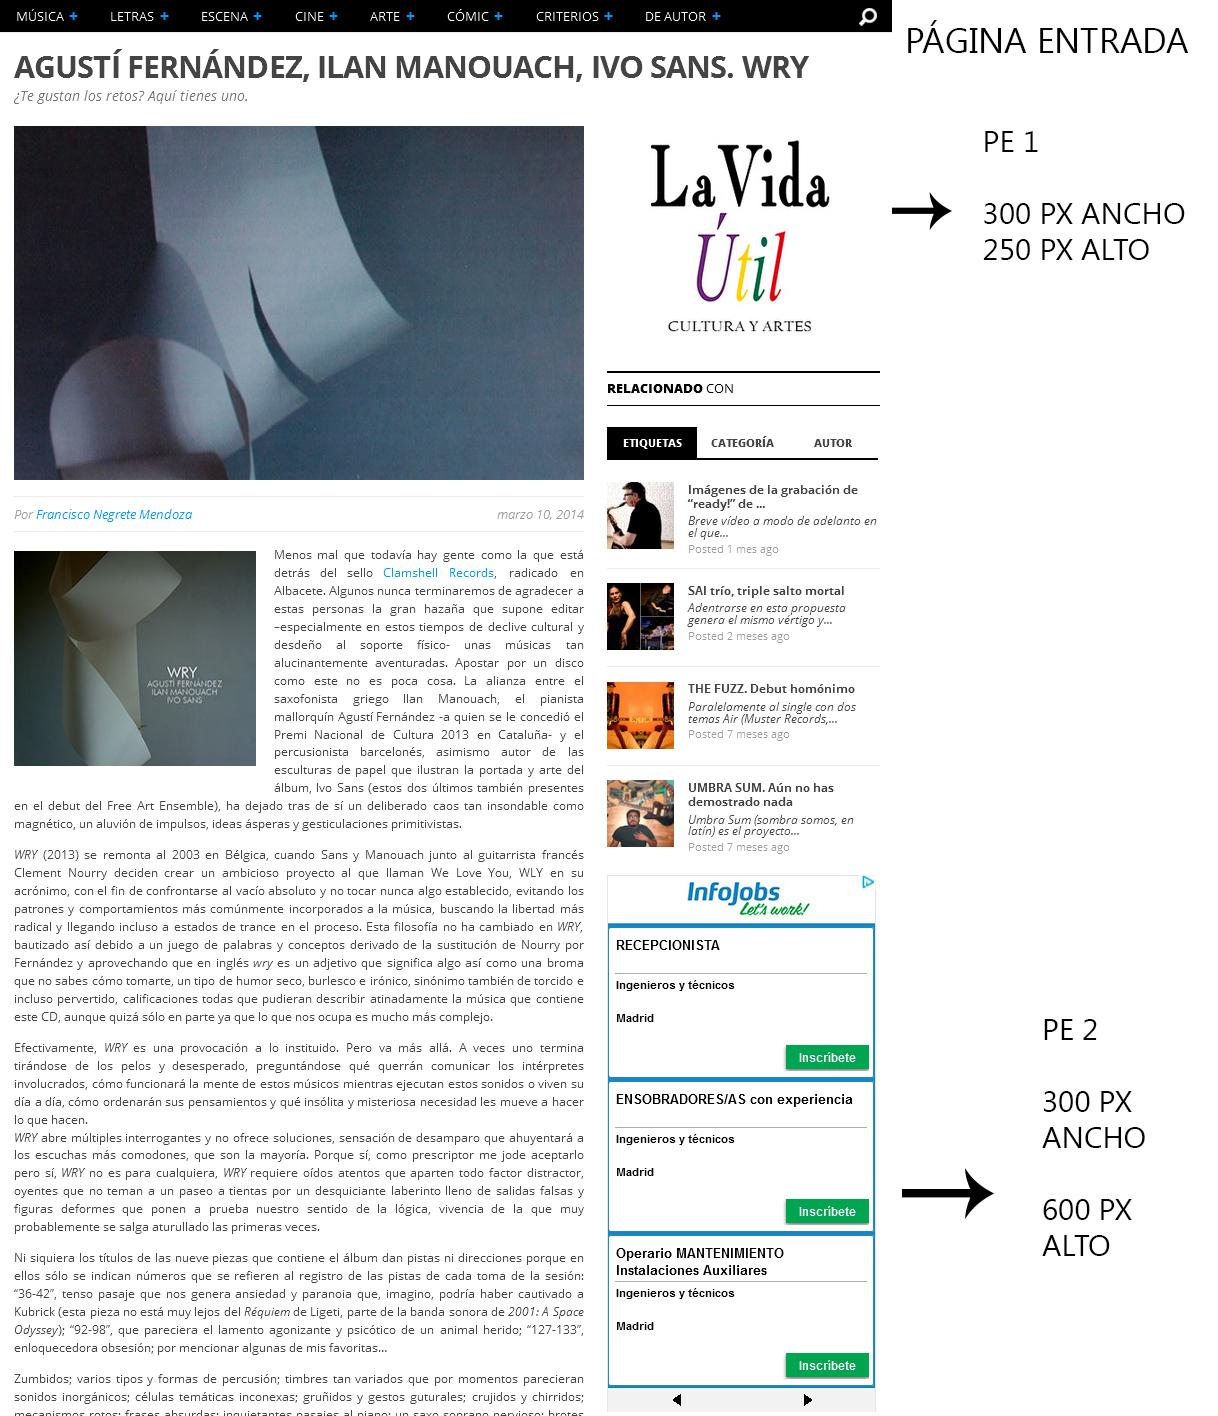 Publicidad página entrada